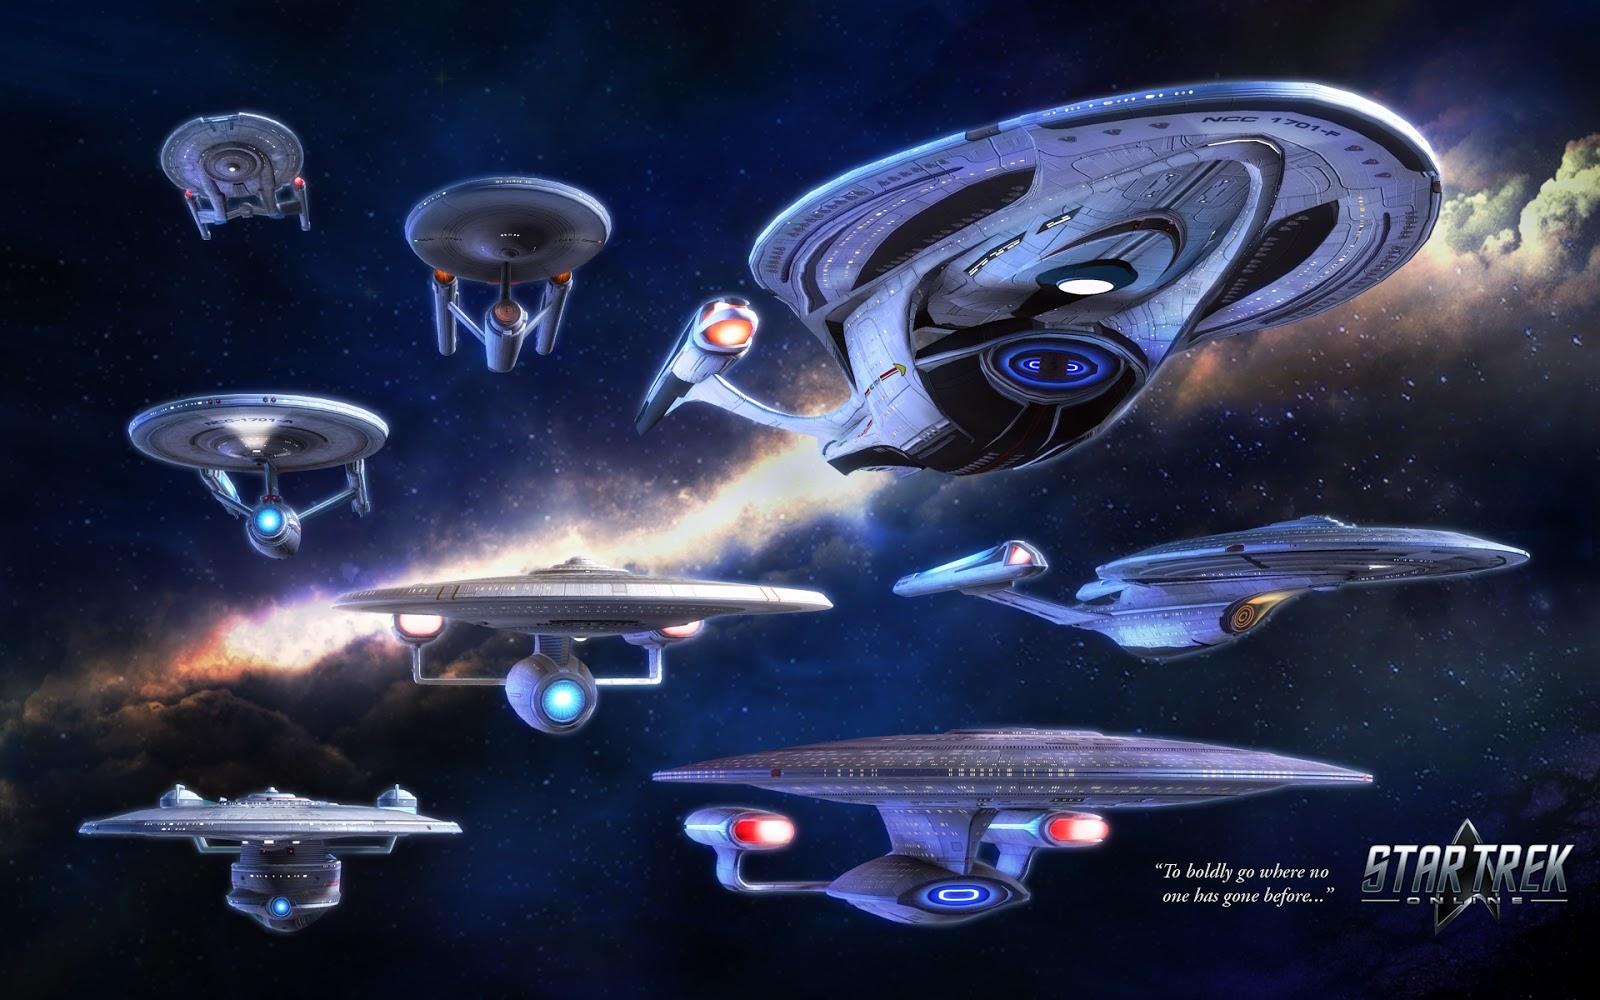 Star Trek Online Enterprises